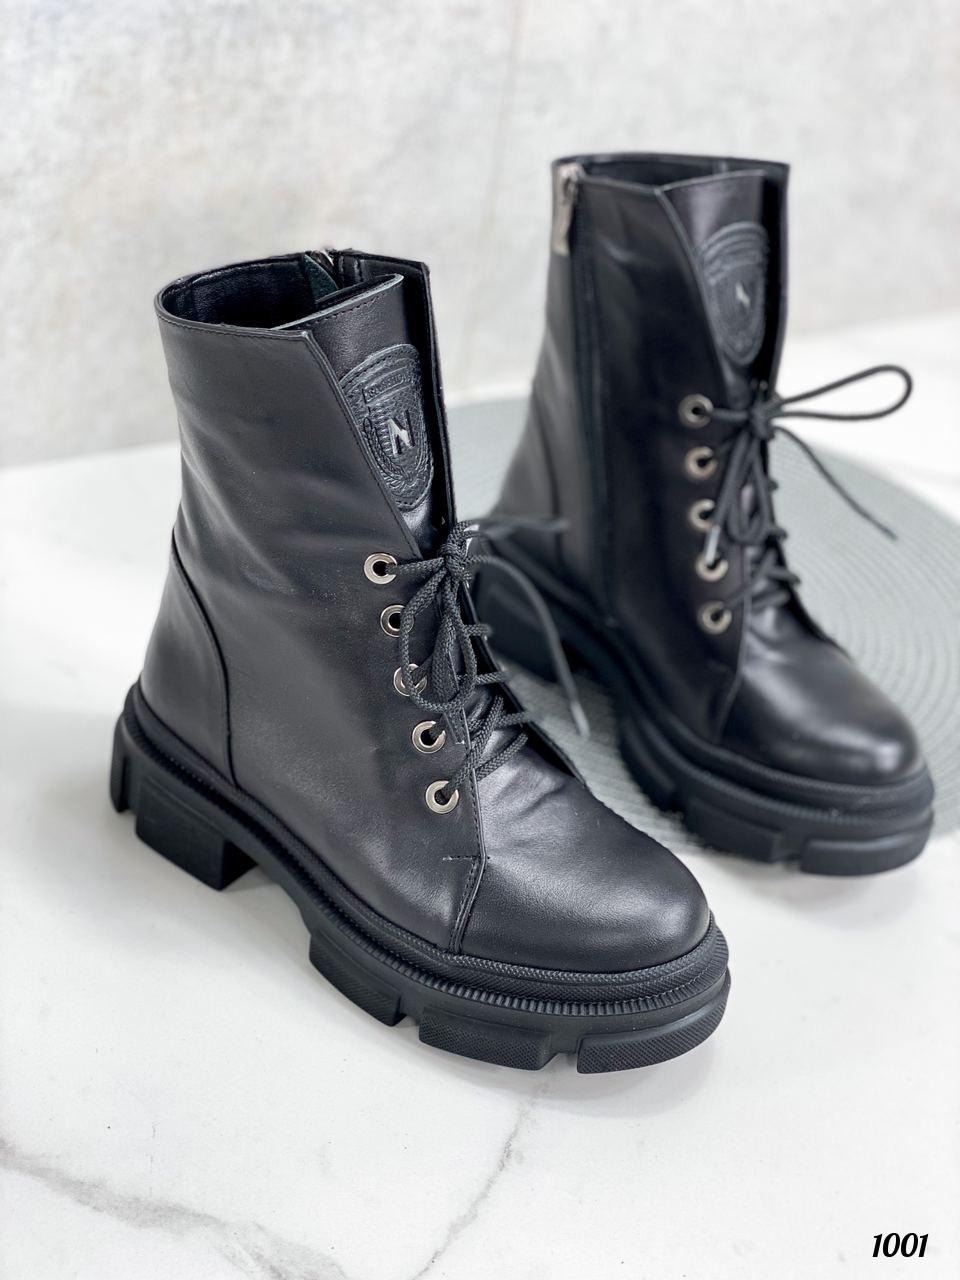 Женские ботинки ДЕМИ черные на шнуровке натуральная кожа